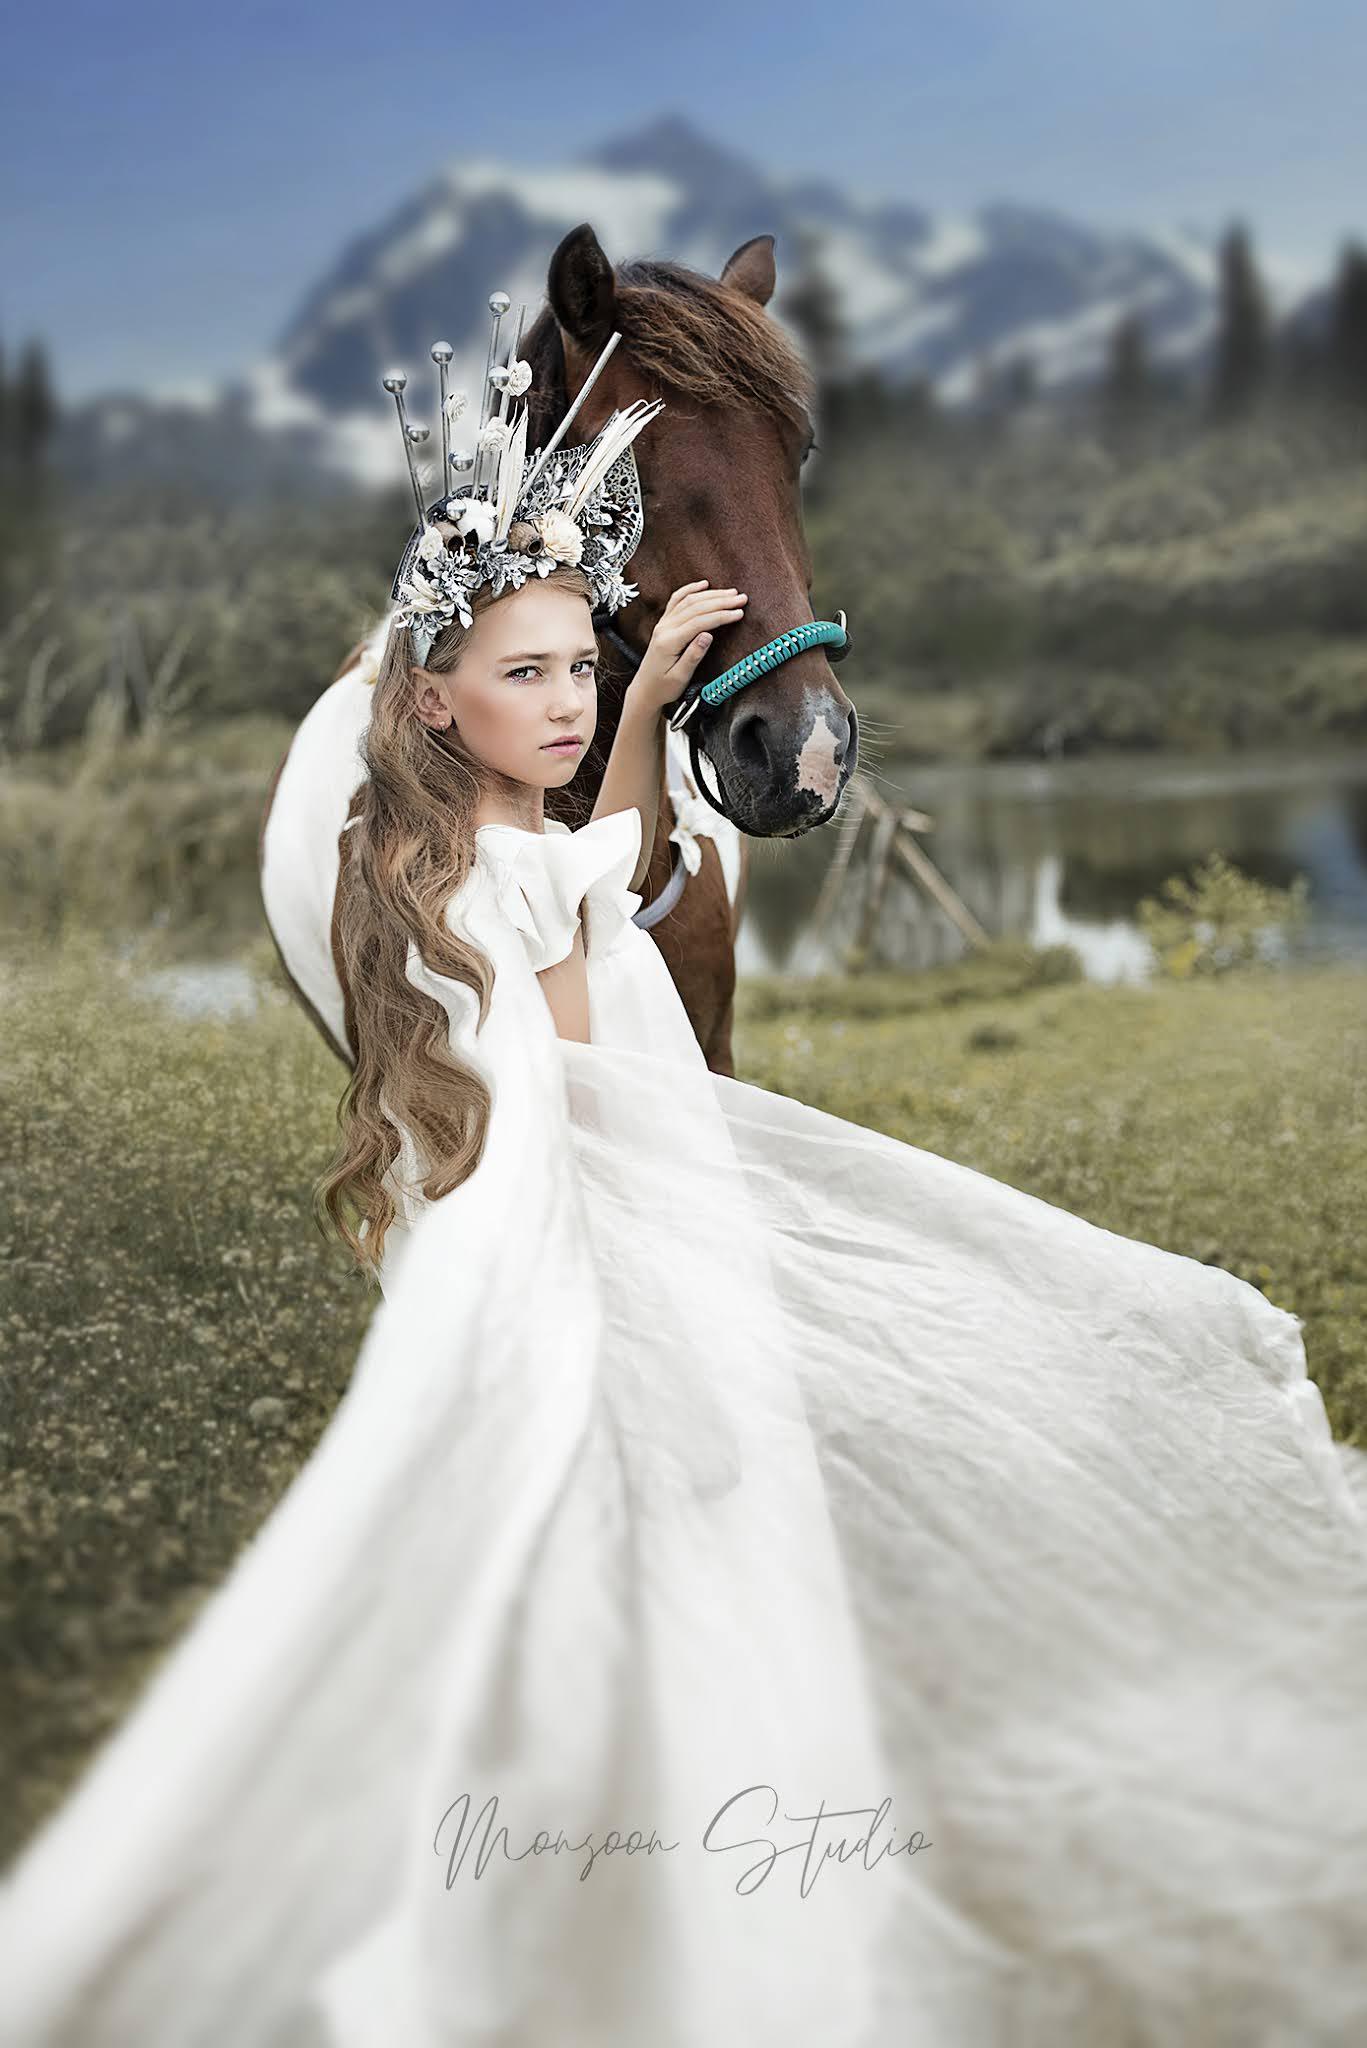 fotograf Warszawa, fotografia w górach, sesja zdjęciowa z koniem